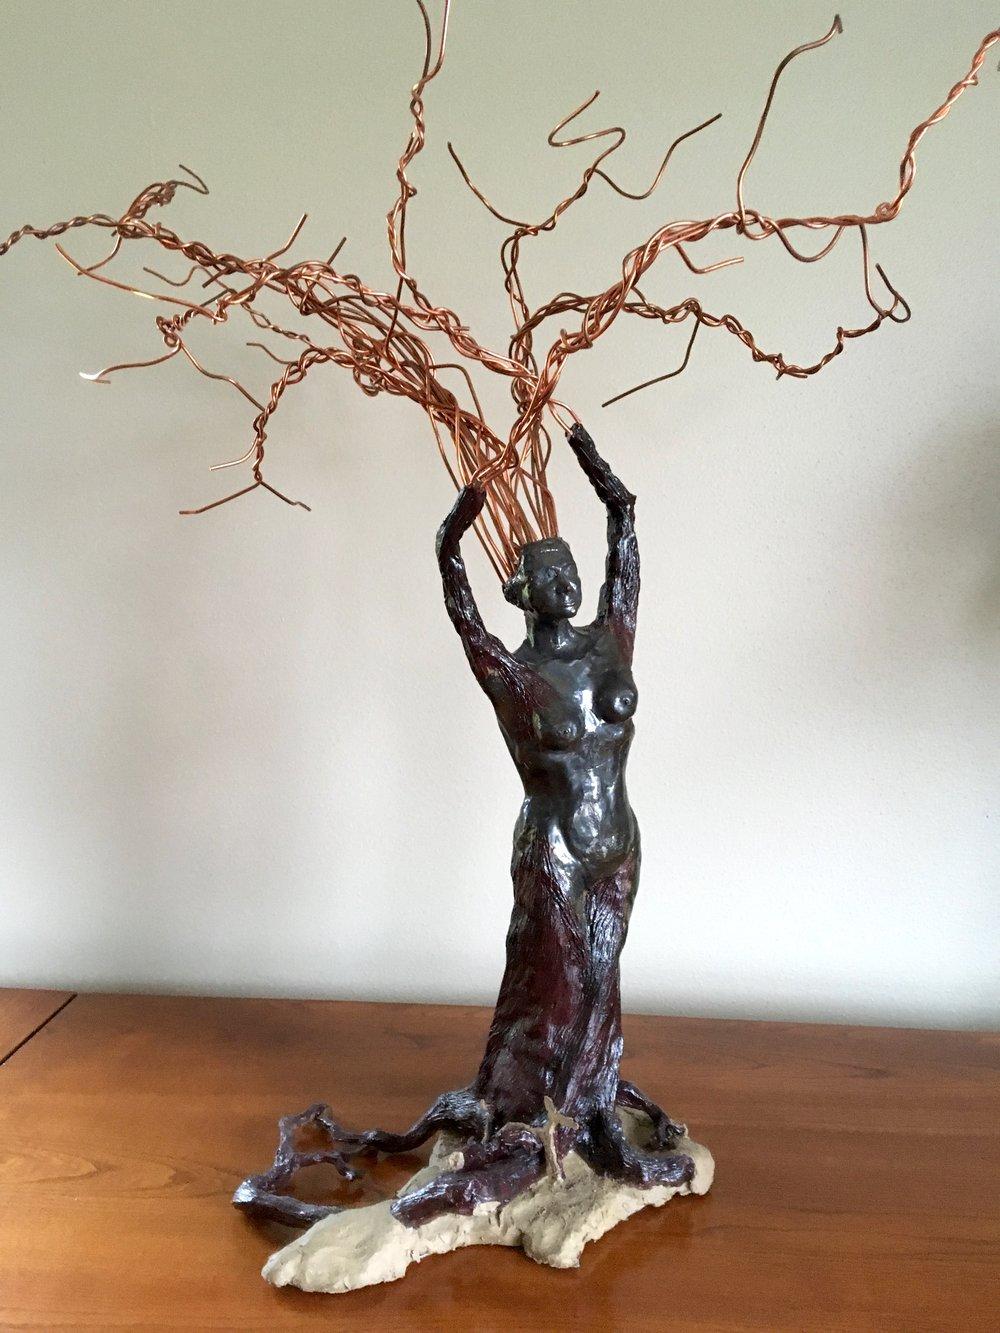 Wood Nymph | Mixed Media | Sculpture